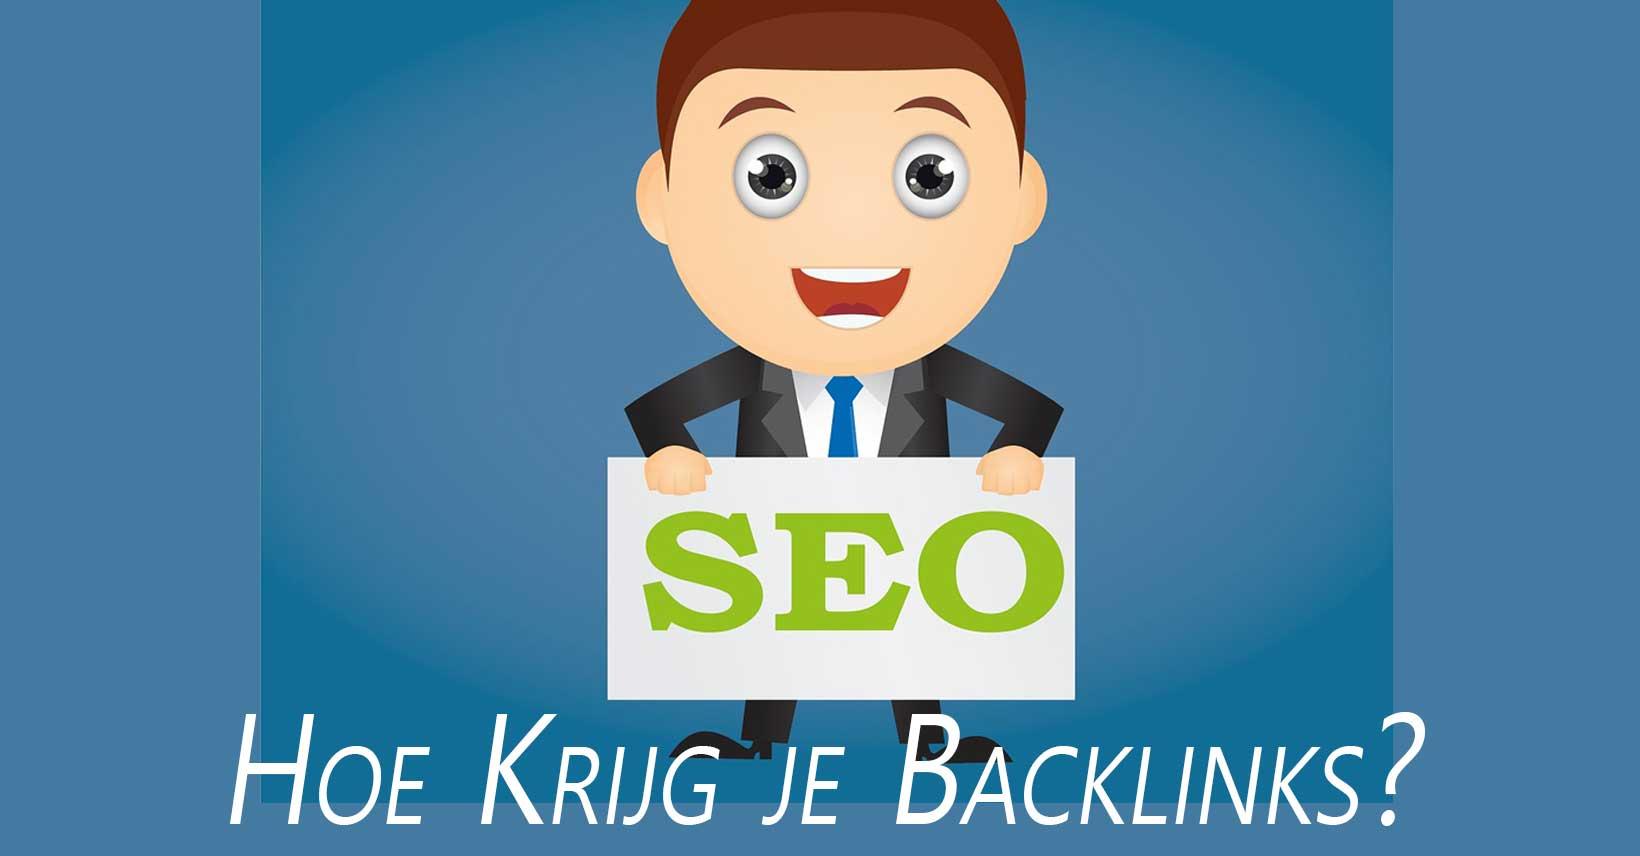 Hoe Krijg je Backlinks Voor je Website? SEO Tips